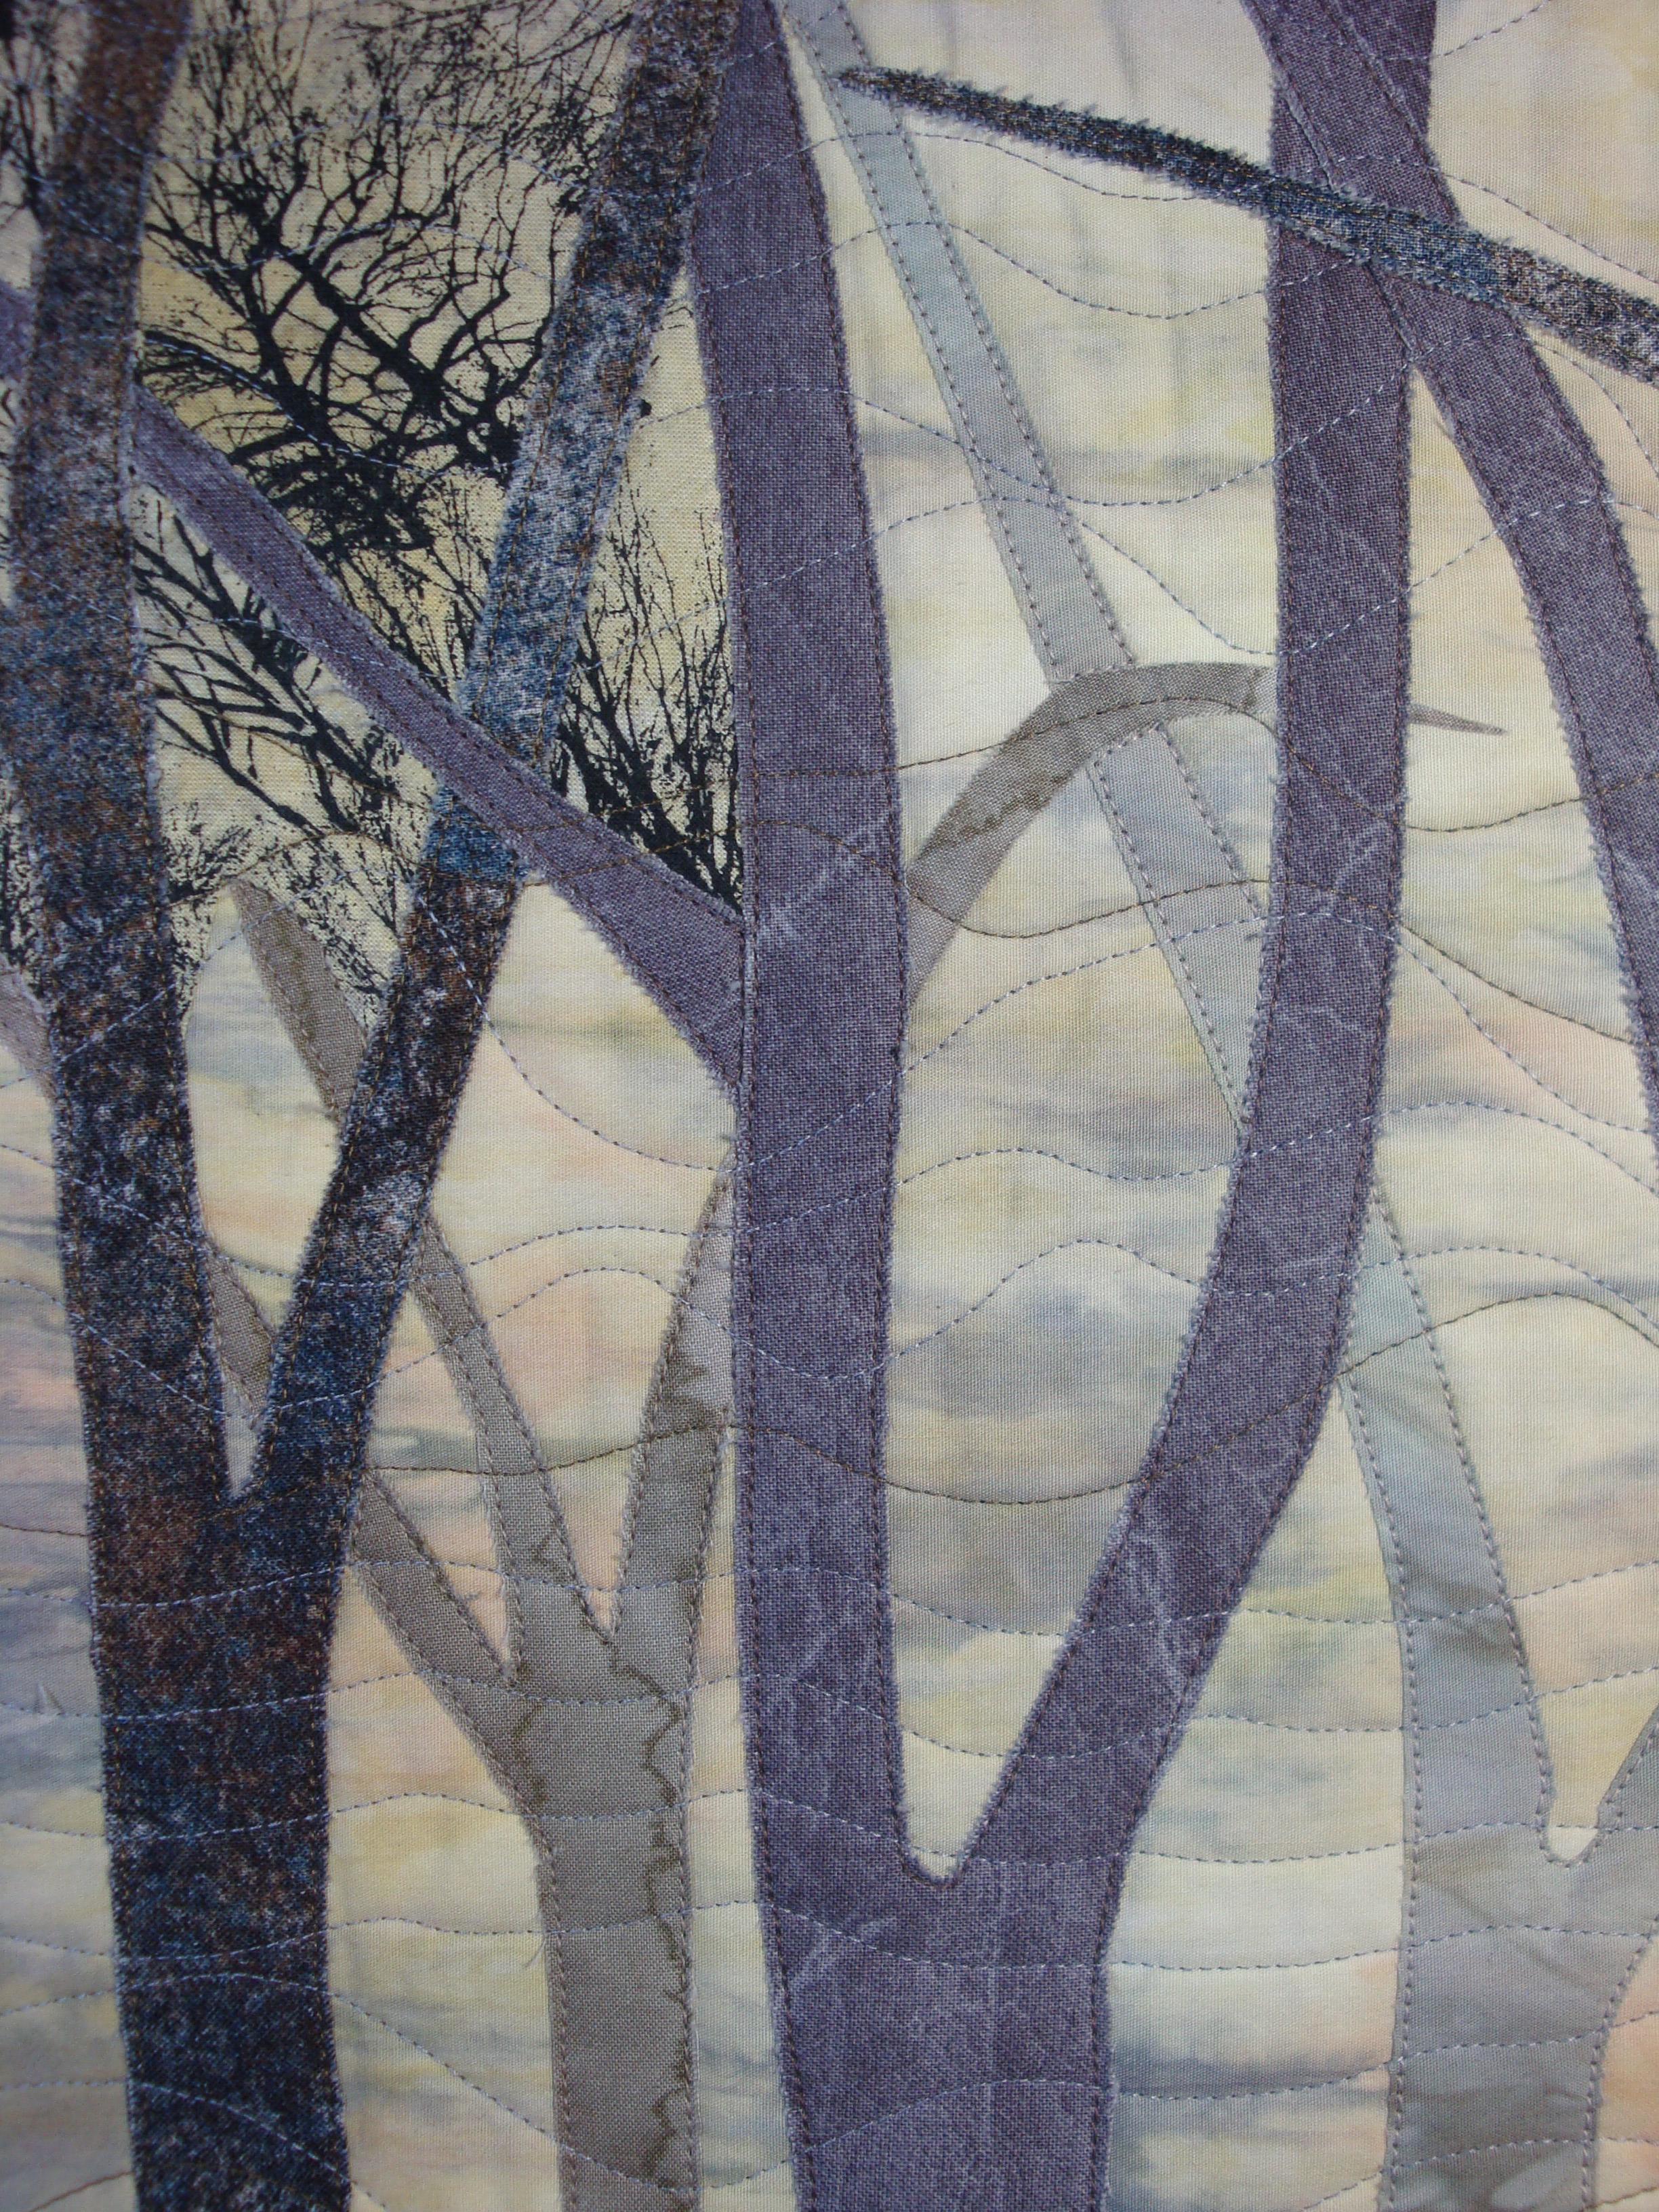 Morning Mist S.J. Valley Detail